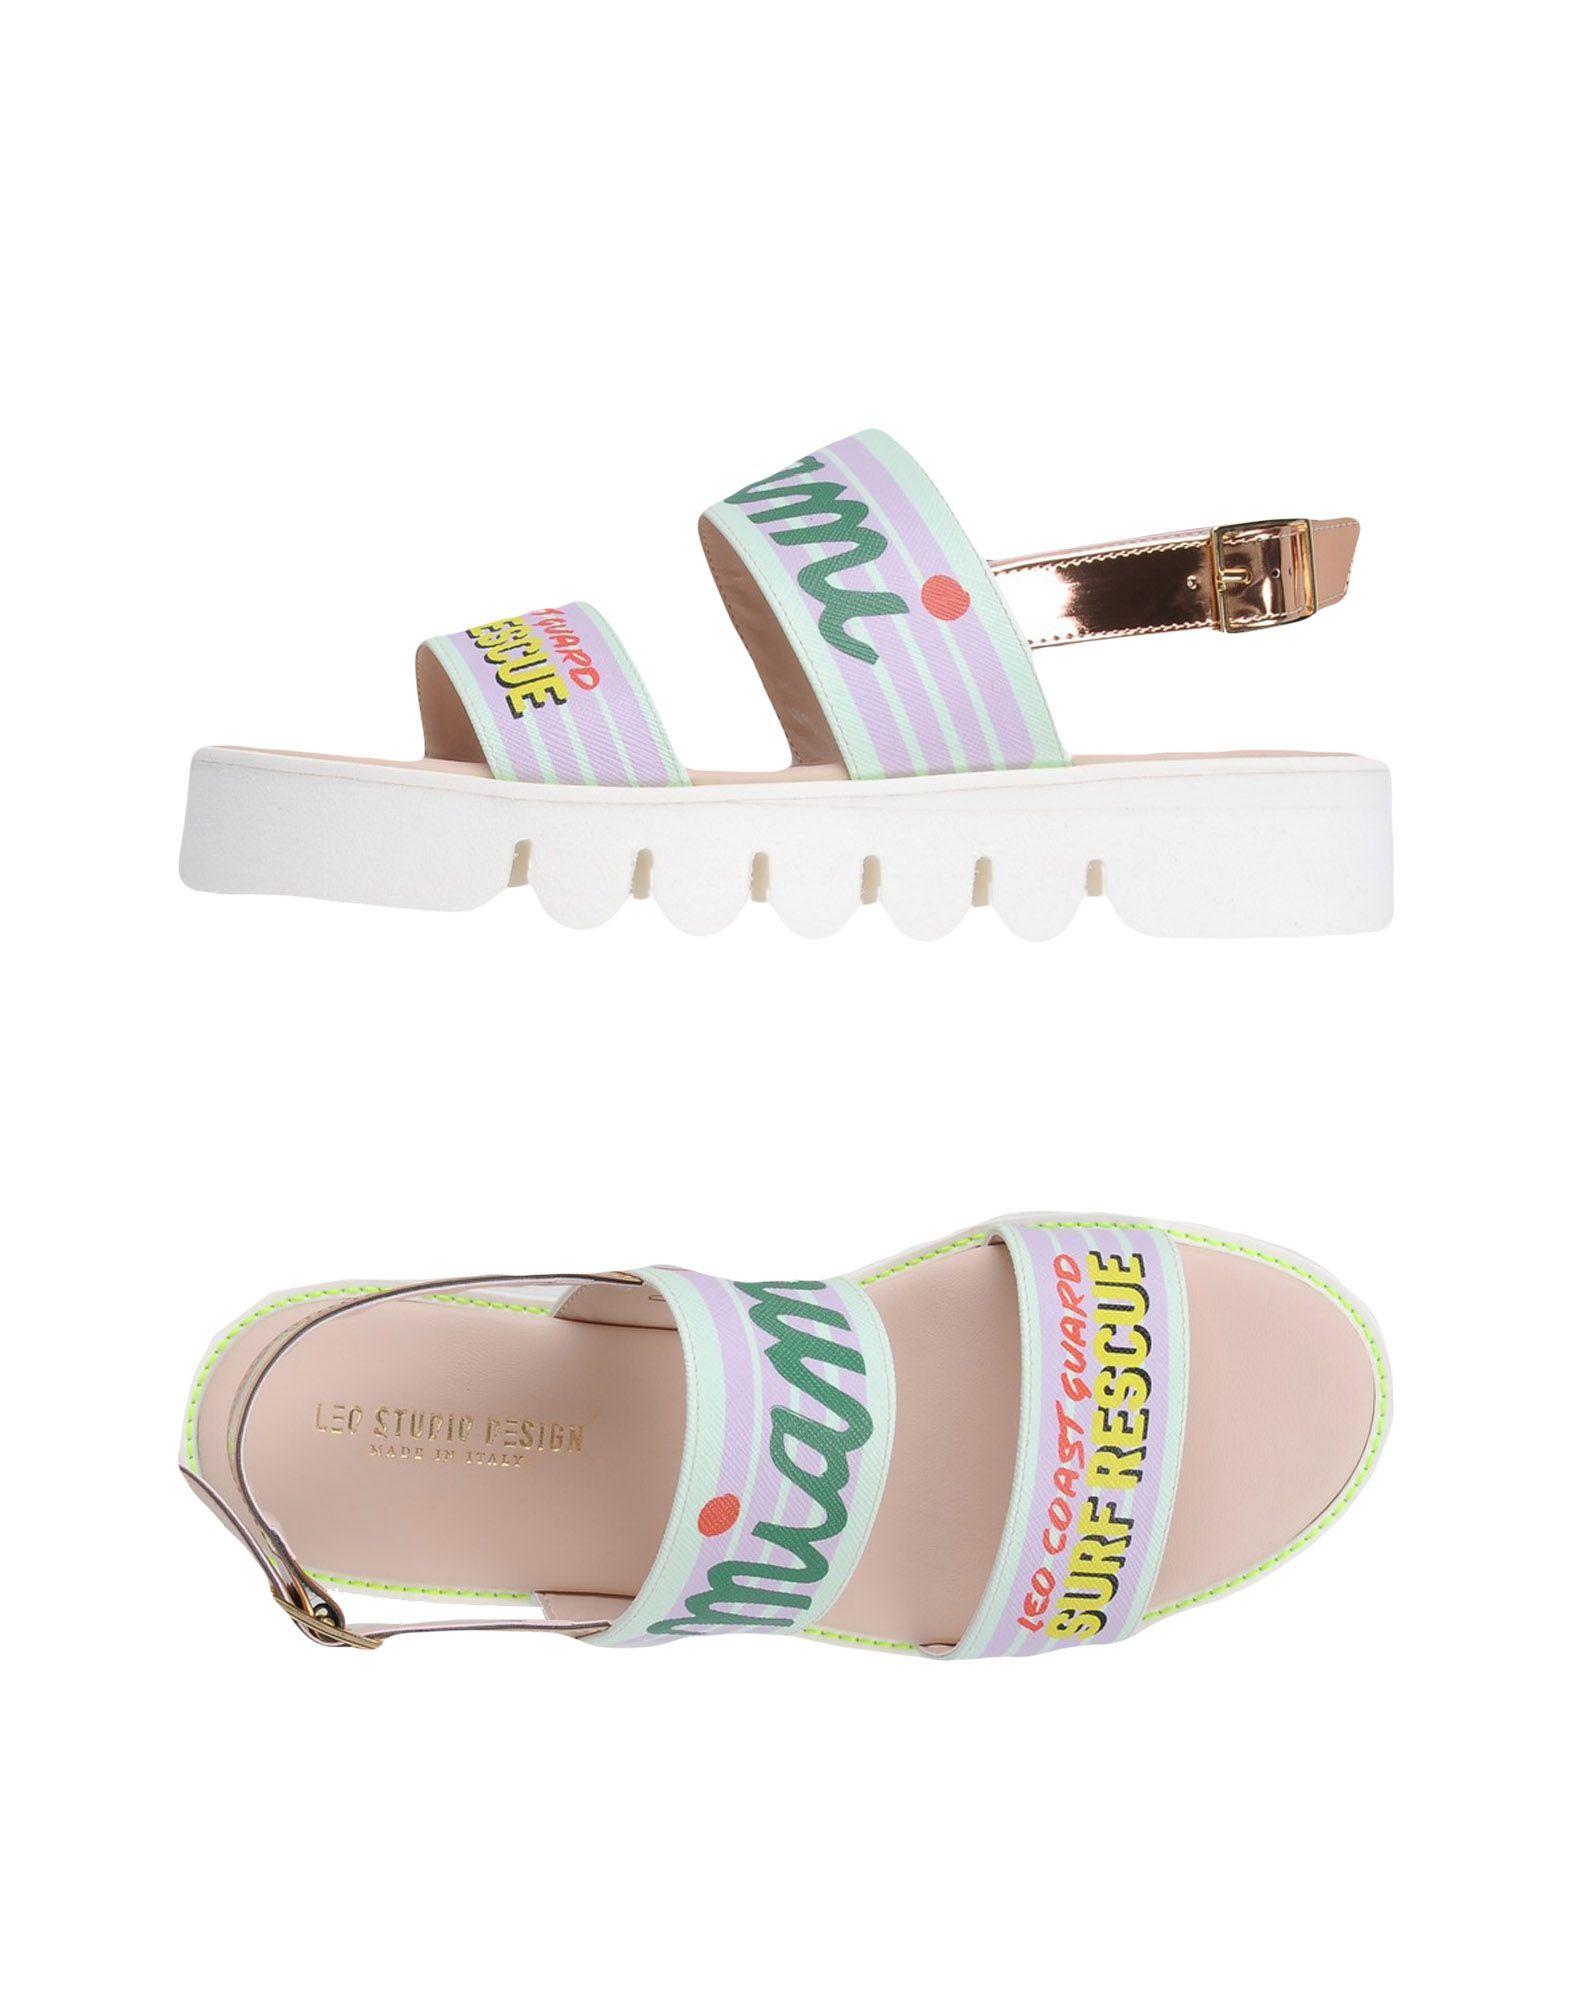 Sandali Leo Studio Design Sandal Printed - Donna - 11227818OD